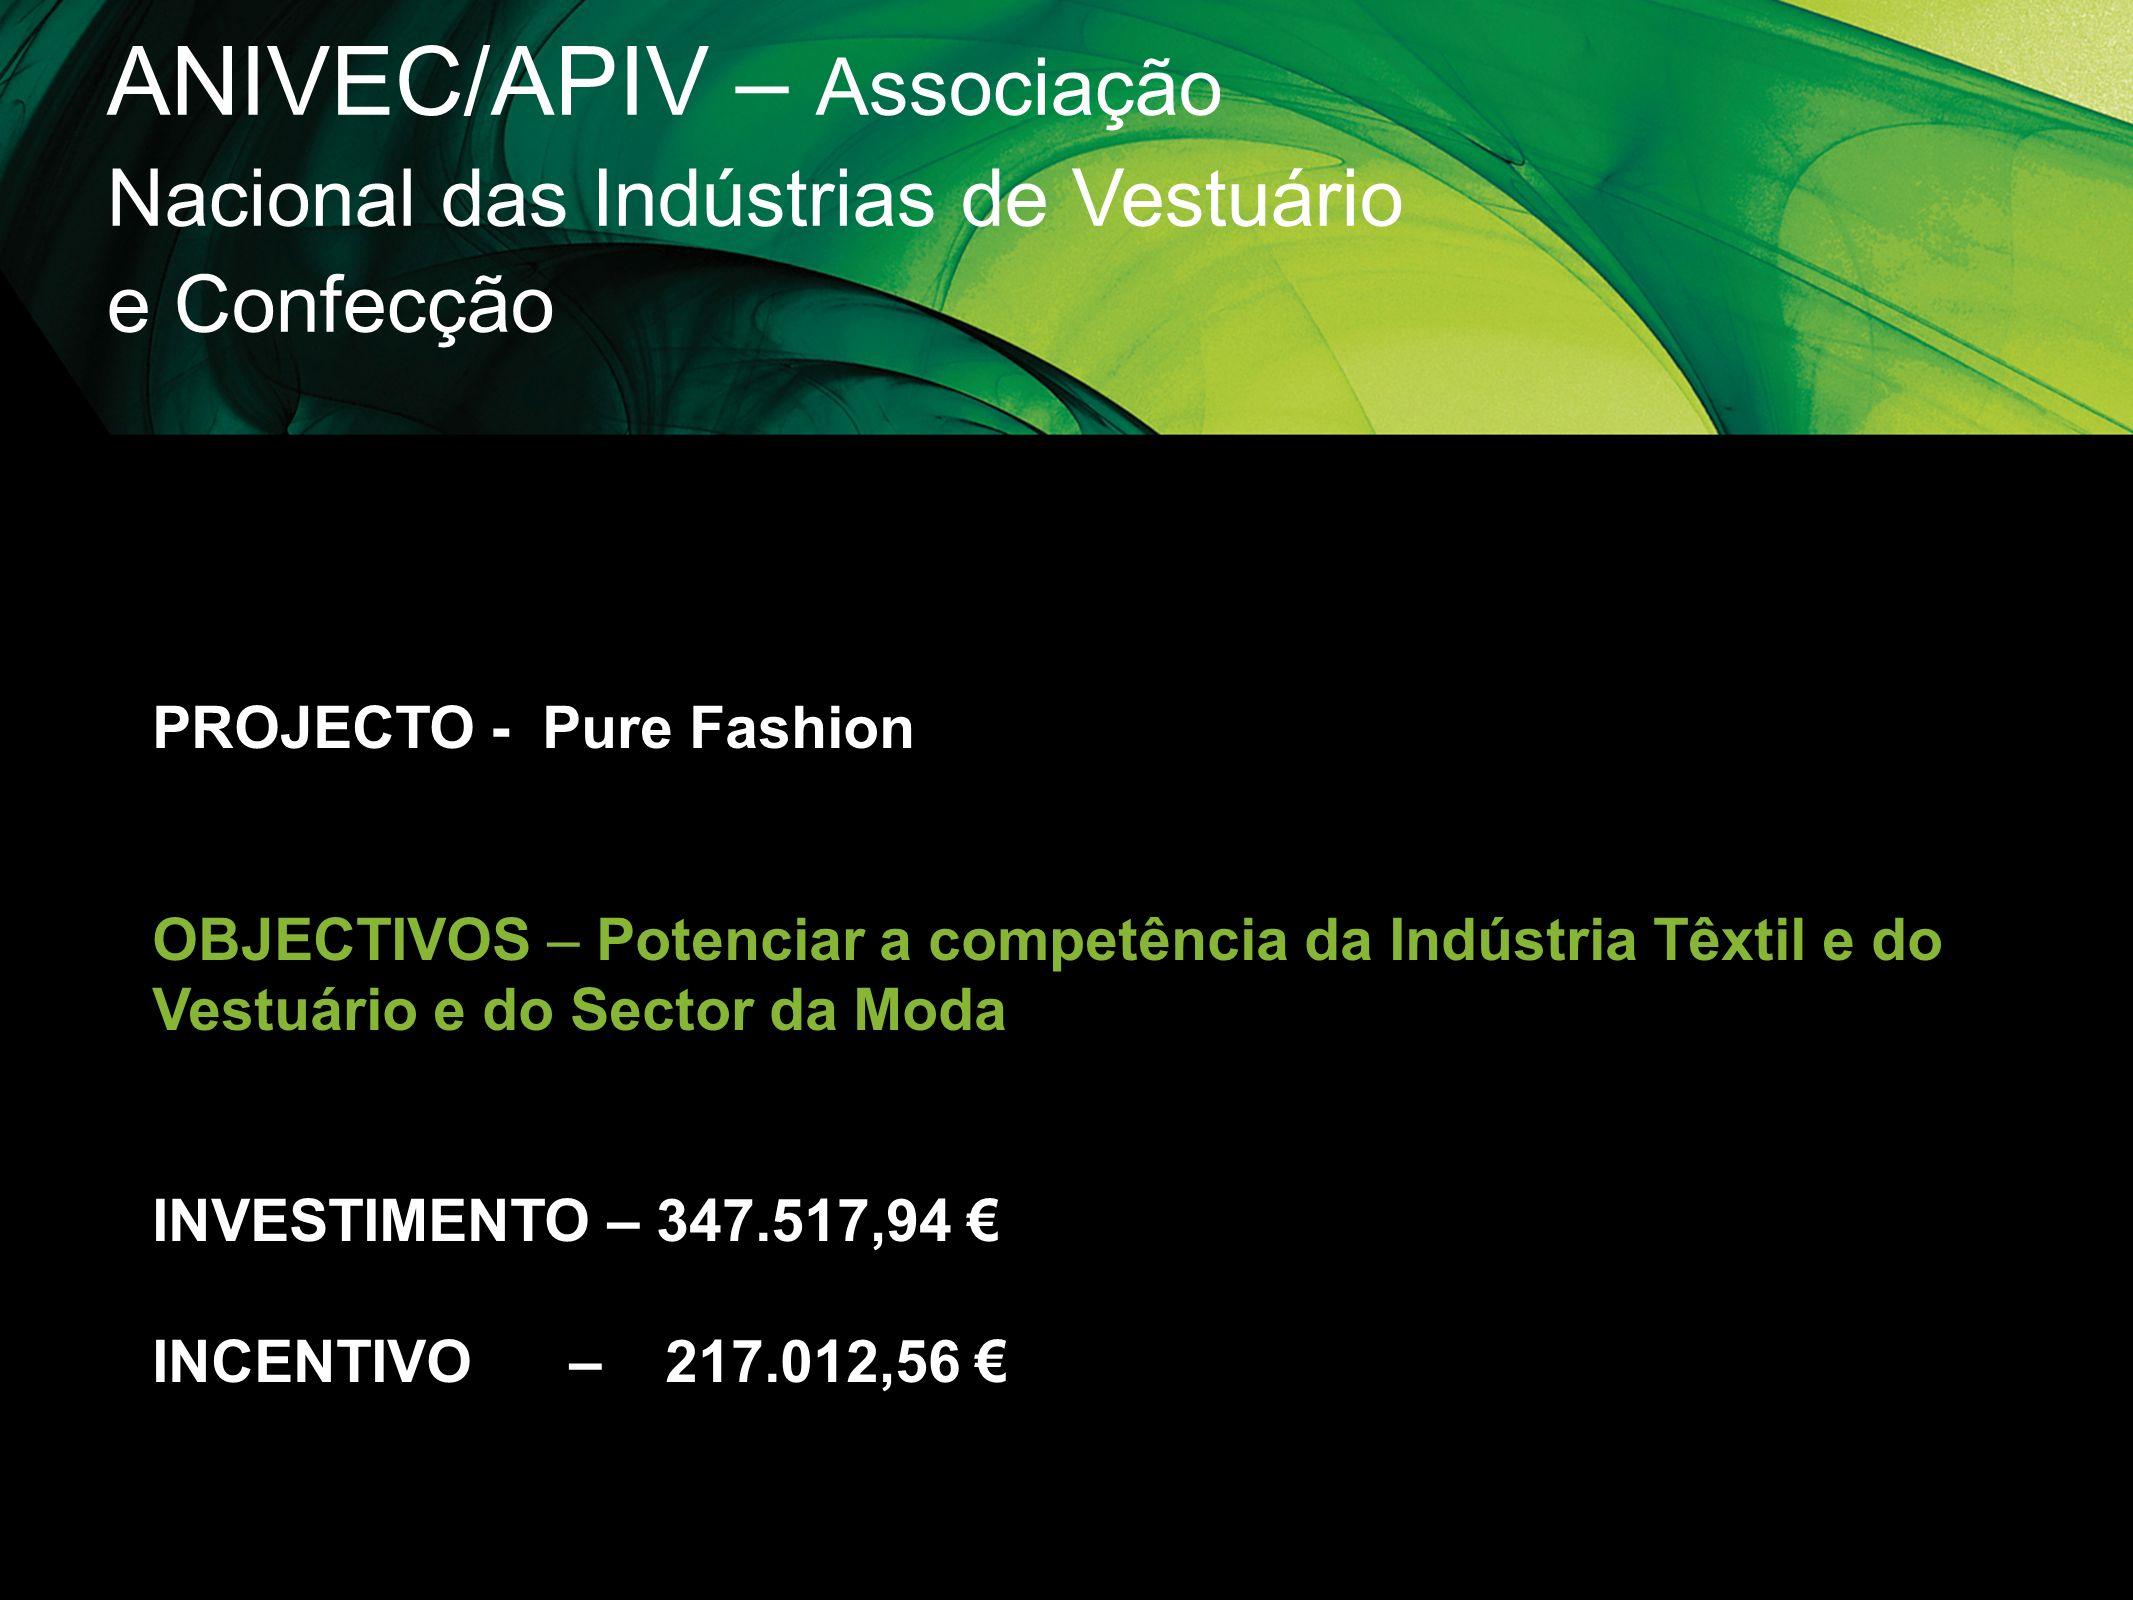 ANIVEC/APIV – Associação Nacional das Indústrias de Vestuário e Confecção PROJECTO - Pure Fashion OBJECTIVOS – Potenciar a competência da Indústria Tê